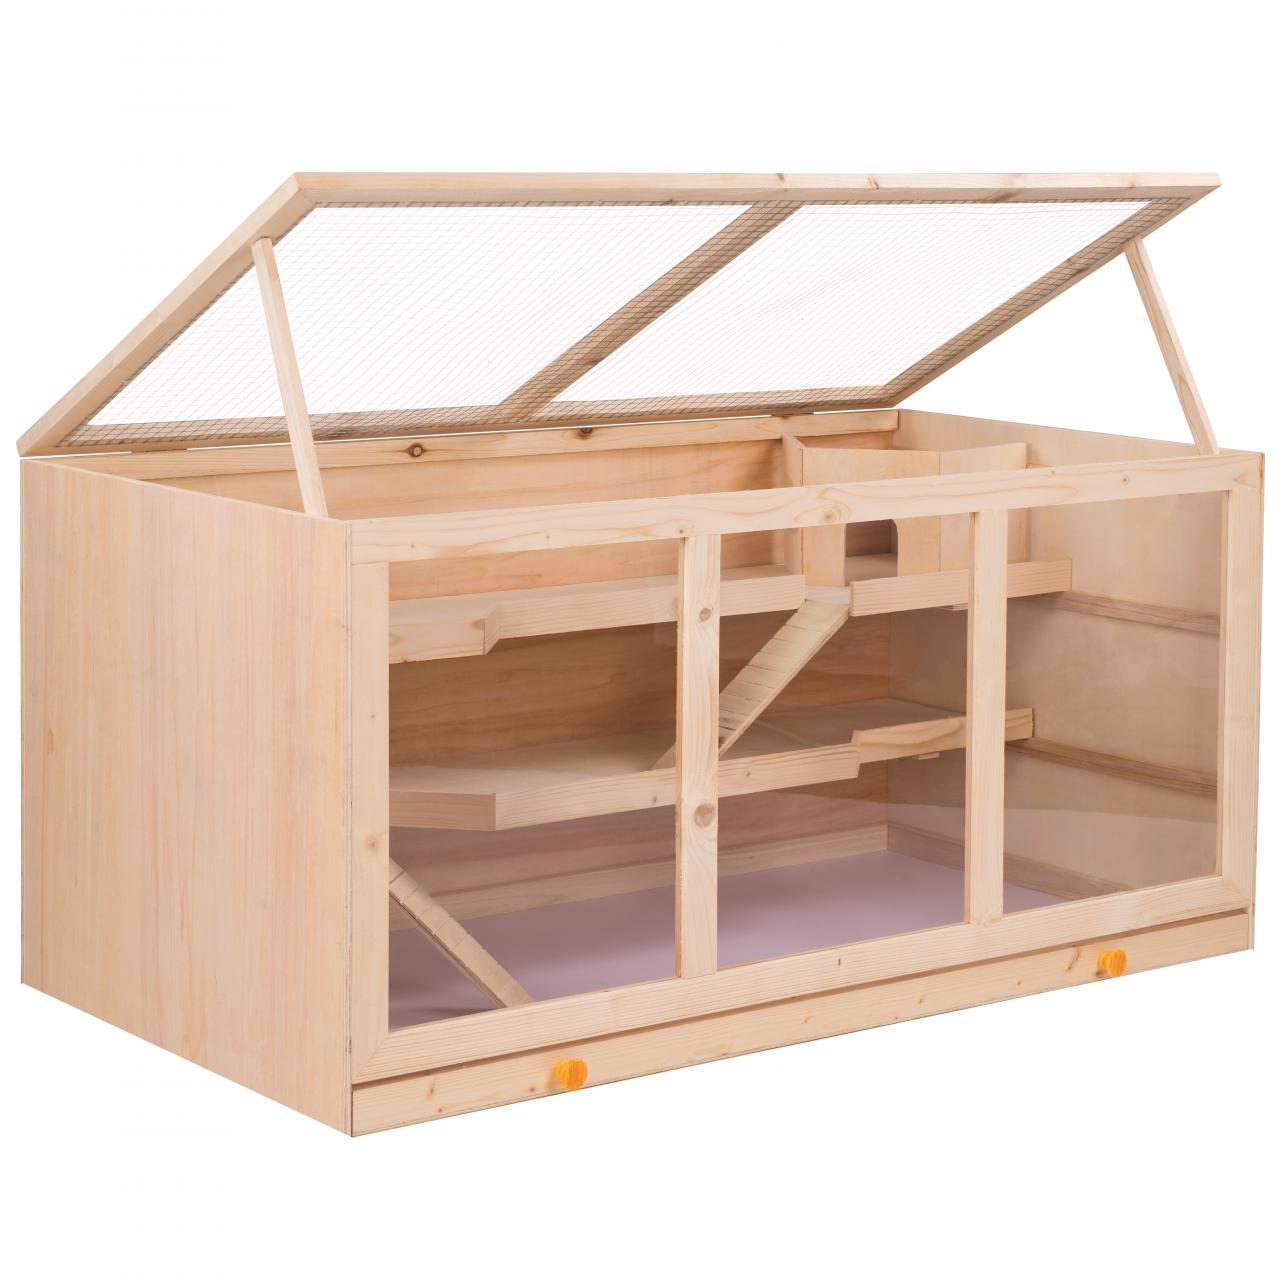 Hamsterkaefig-Kleintierkaefig-Rattenkaefig-Maeusekaefig-Nagerstall-Kaefig-Holz-Stall